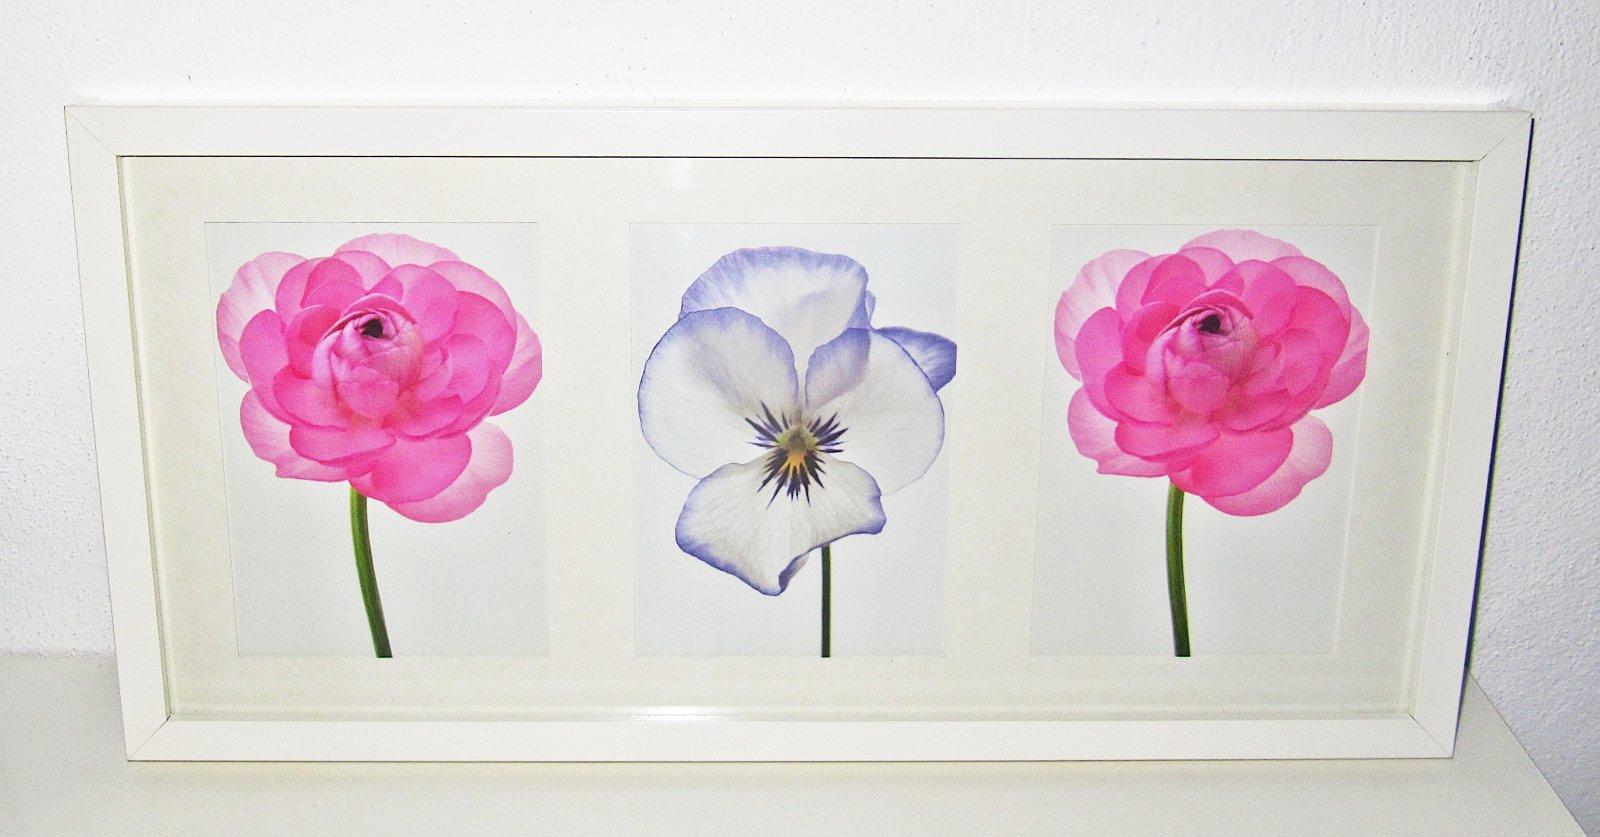 Farebné kvety obraz - Obrázok č. 1